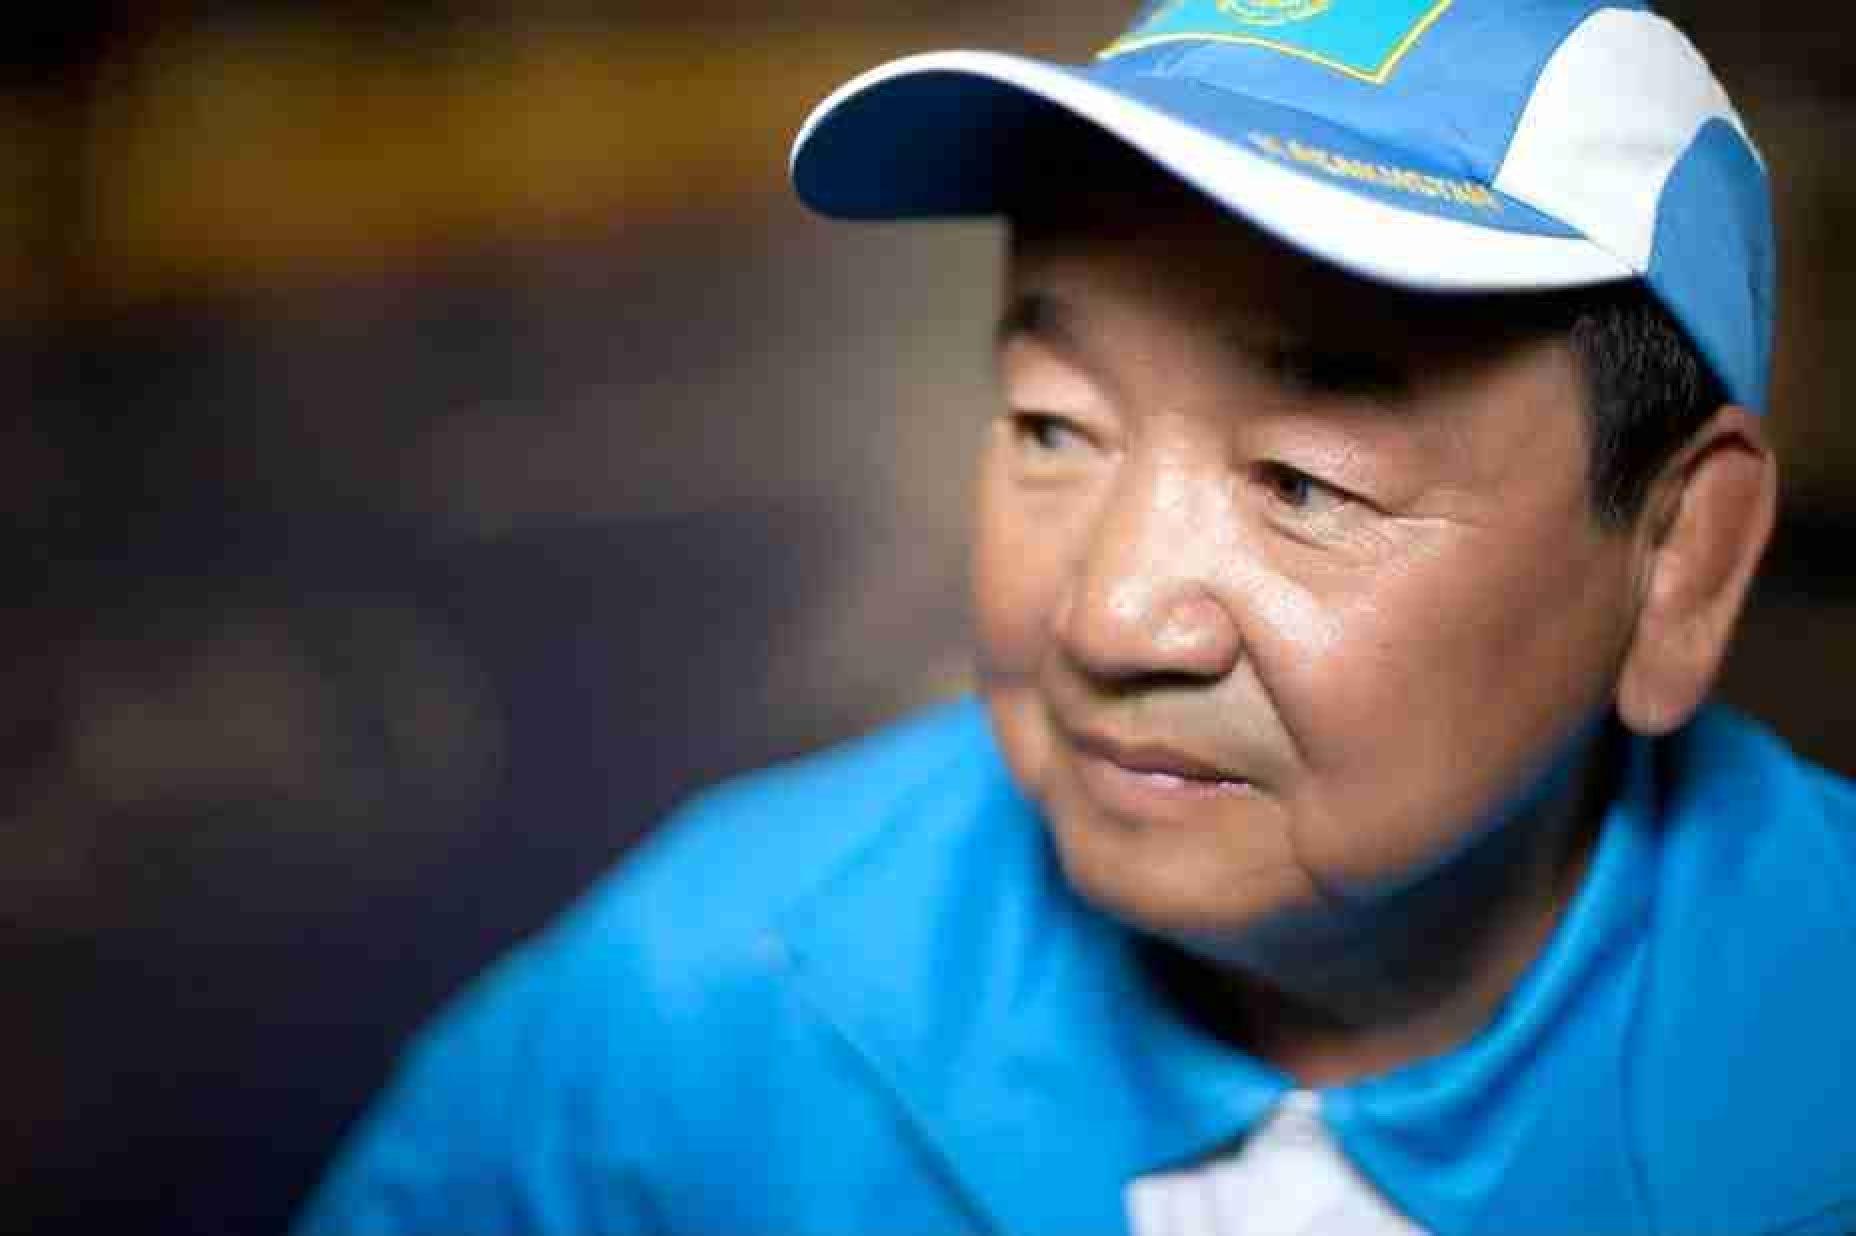 Скончался Жаксылык Ушкемпиров: чем запомнился первый олимпийский чемпион Казахстана